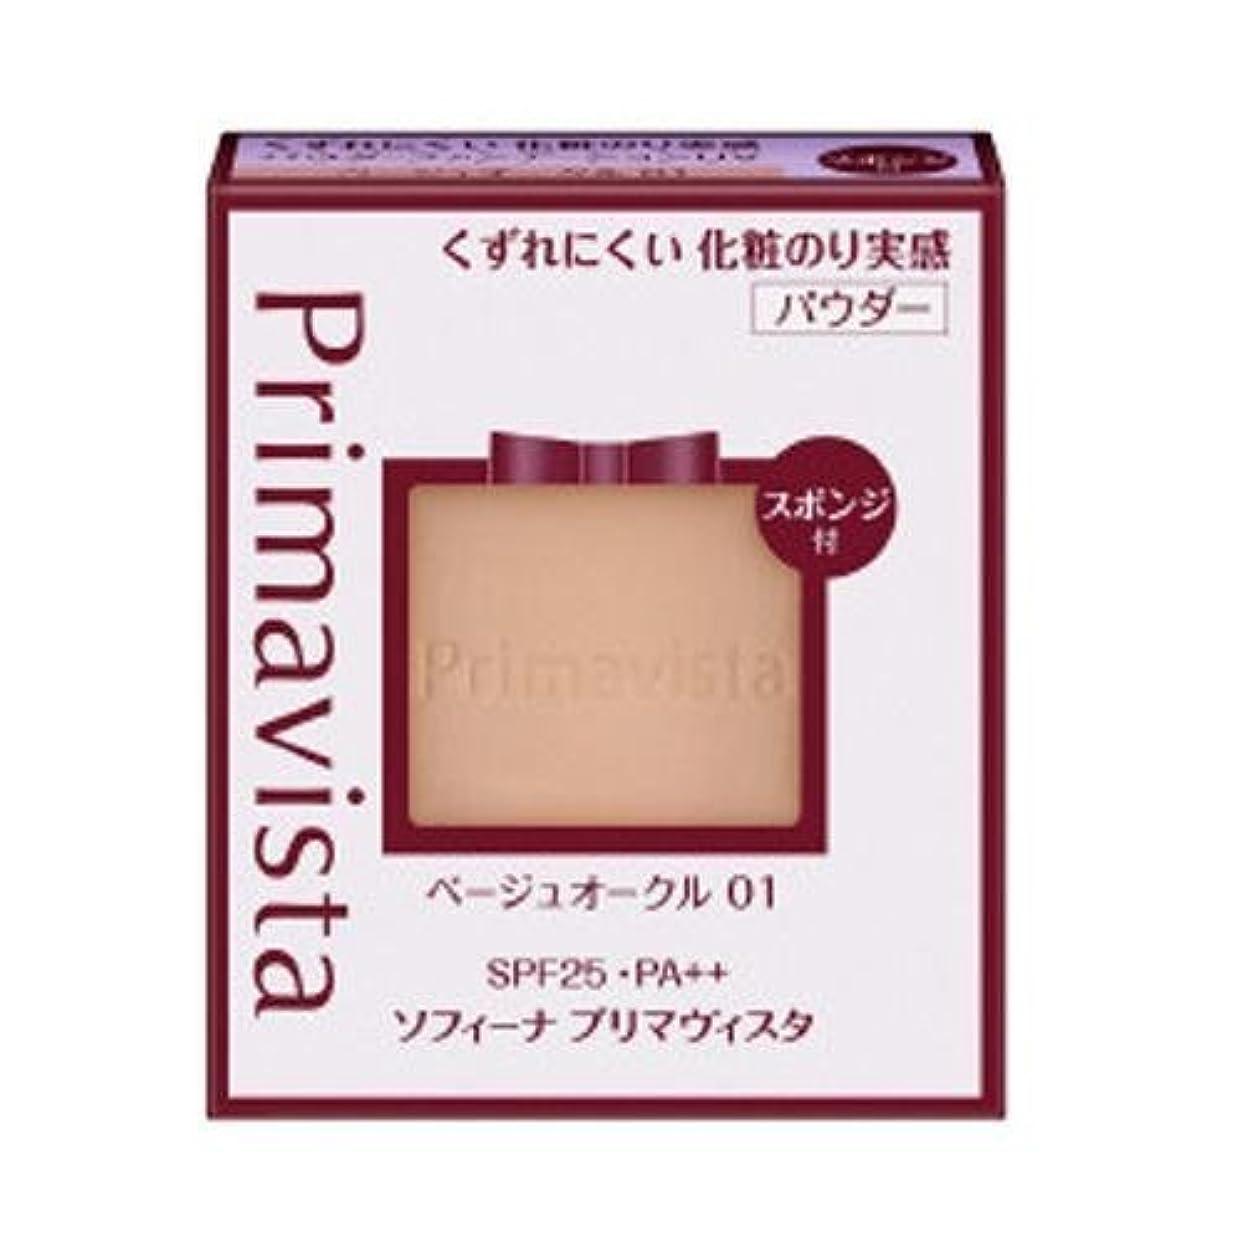 そばに役立つパリティソフィーナ プリマヴィスタ くずれにくい 化粧のり実感パウダーファンデーションUV ベージュオークル01 レフィル